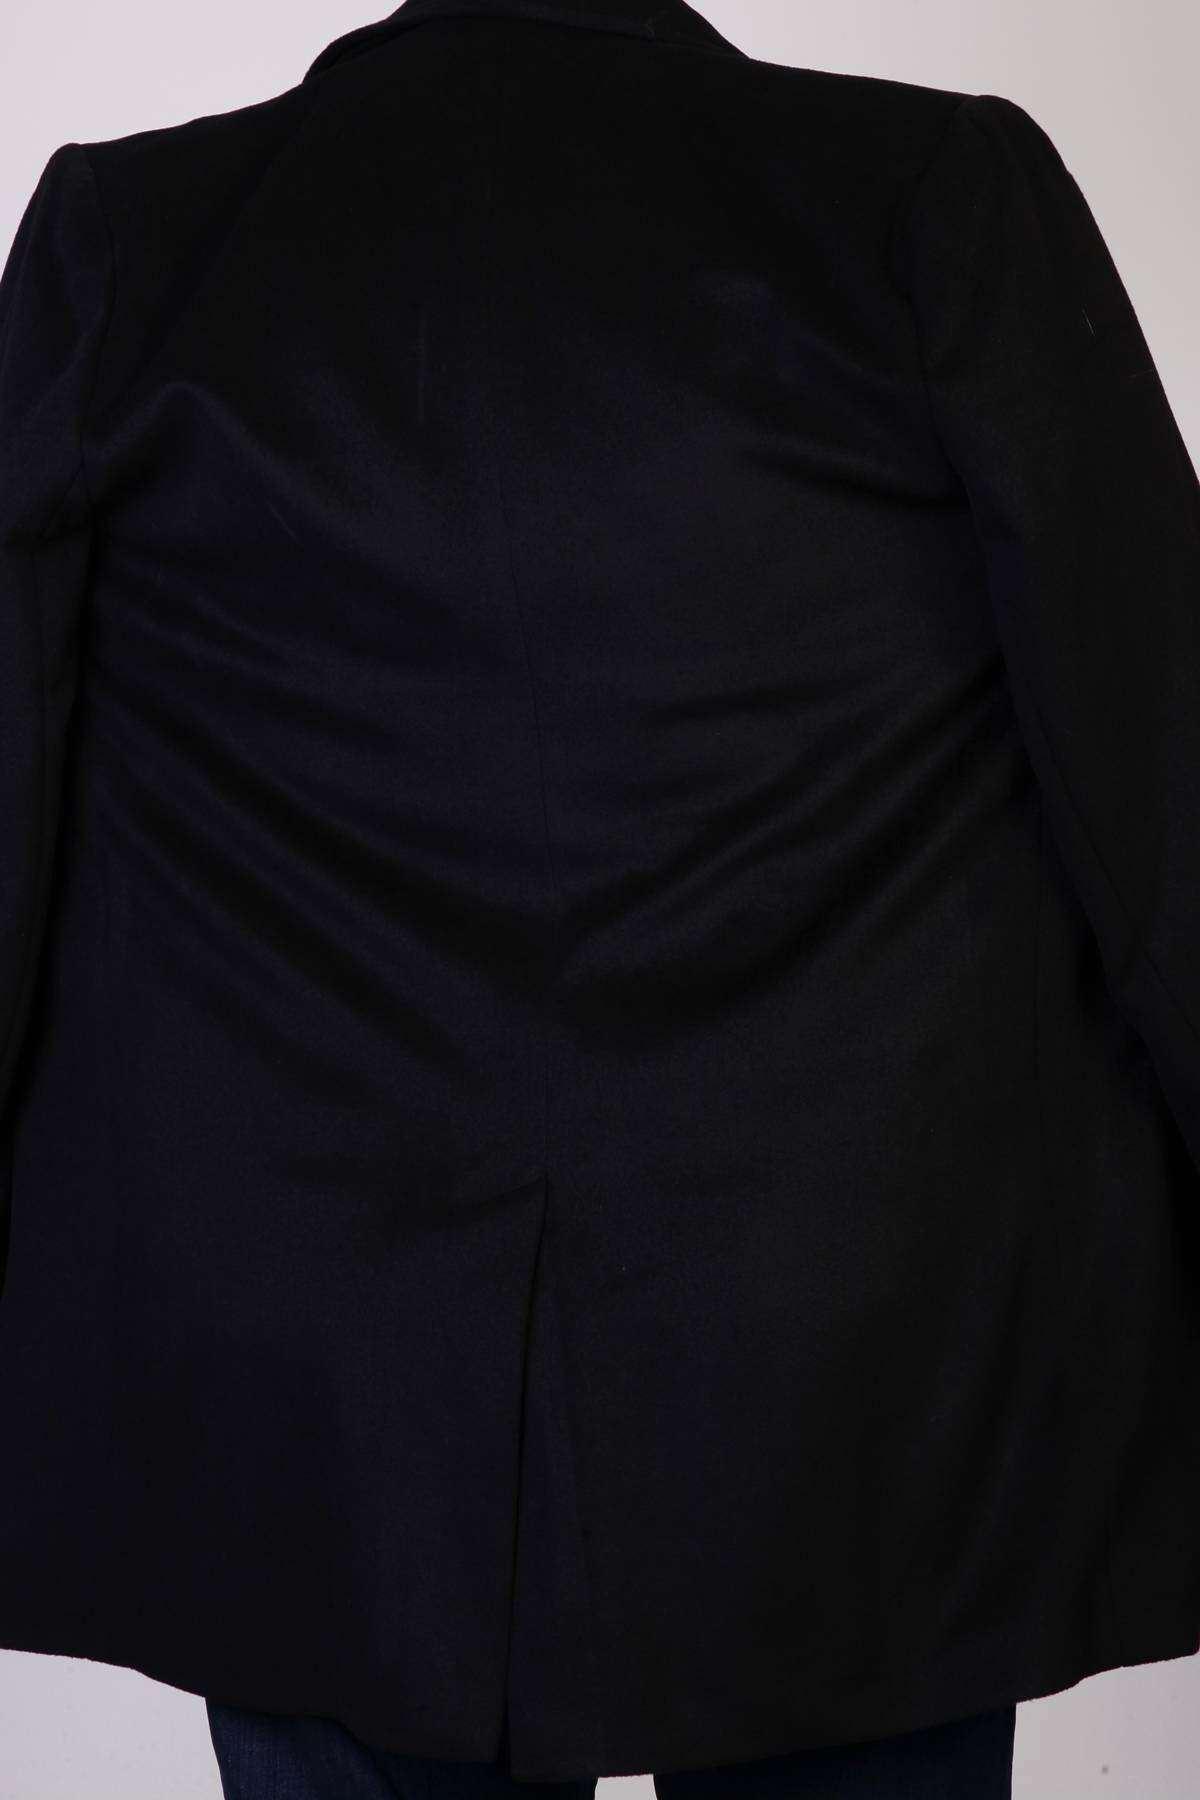 Basic Düğmeli Cepli Uzun Süper Battal Kaşe Siyah